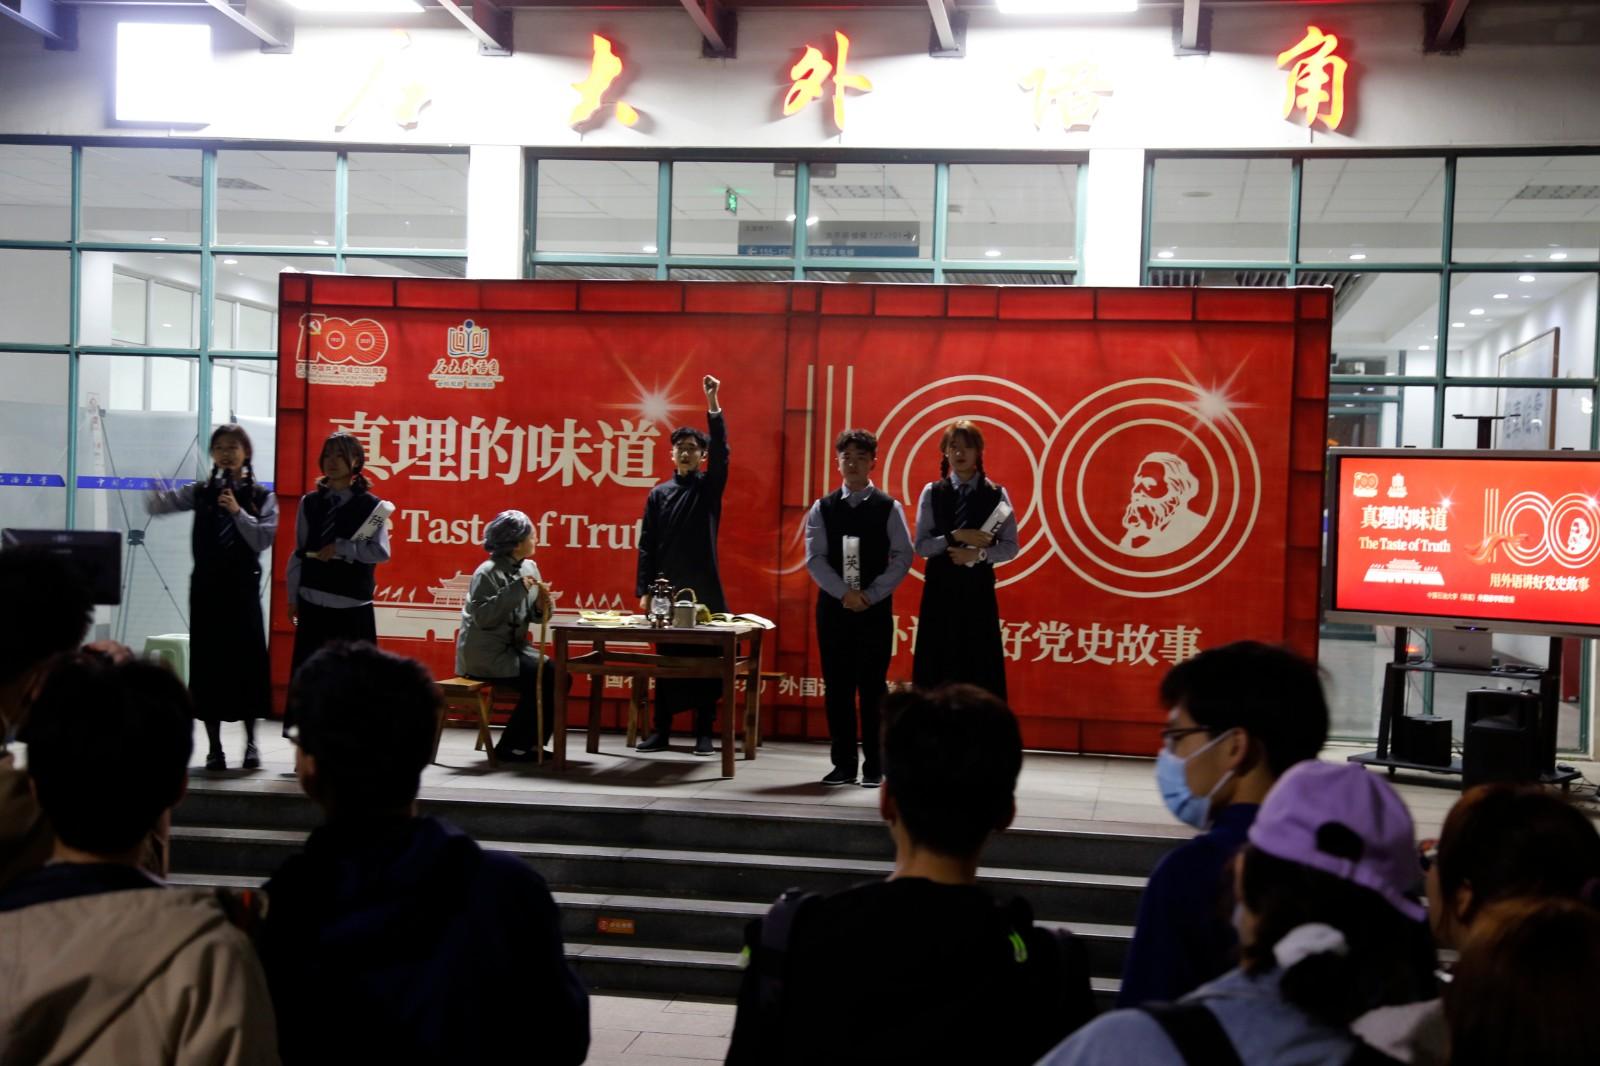 """外语版话剧《陈望道与共产党宣言》,演出""""真理的味道"""",讲好党史故事。 (王大勇摄影)"""